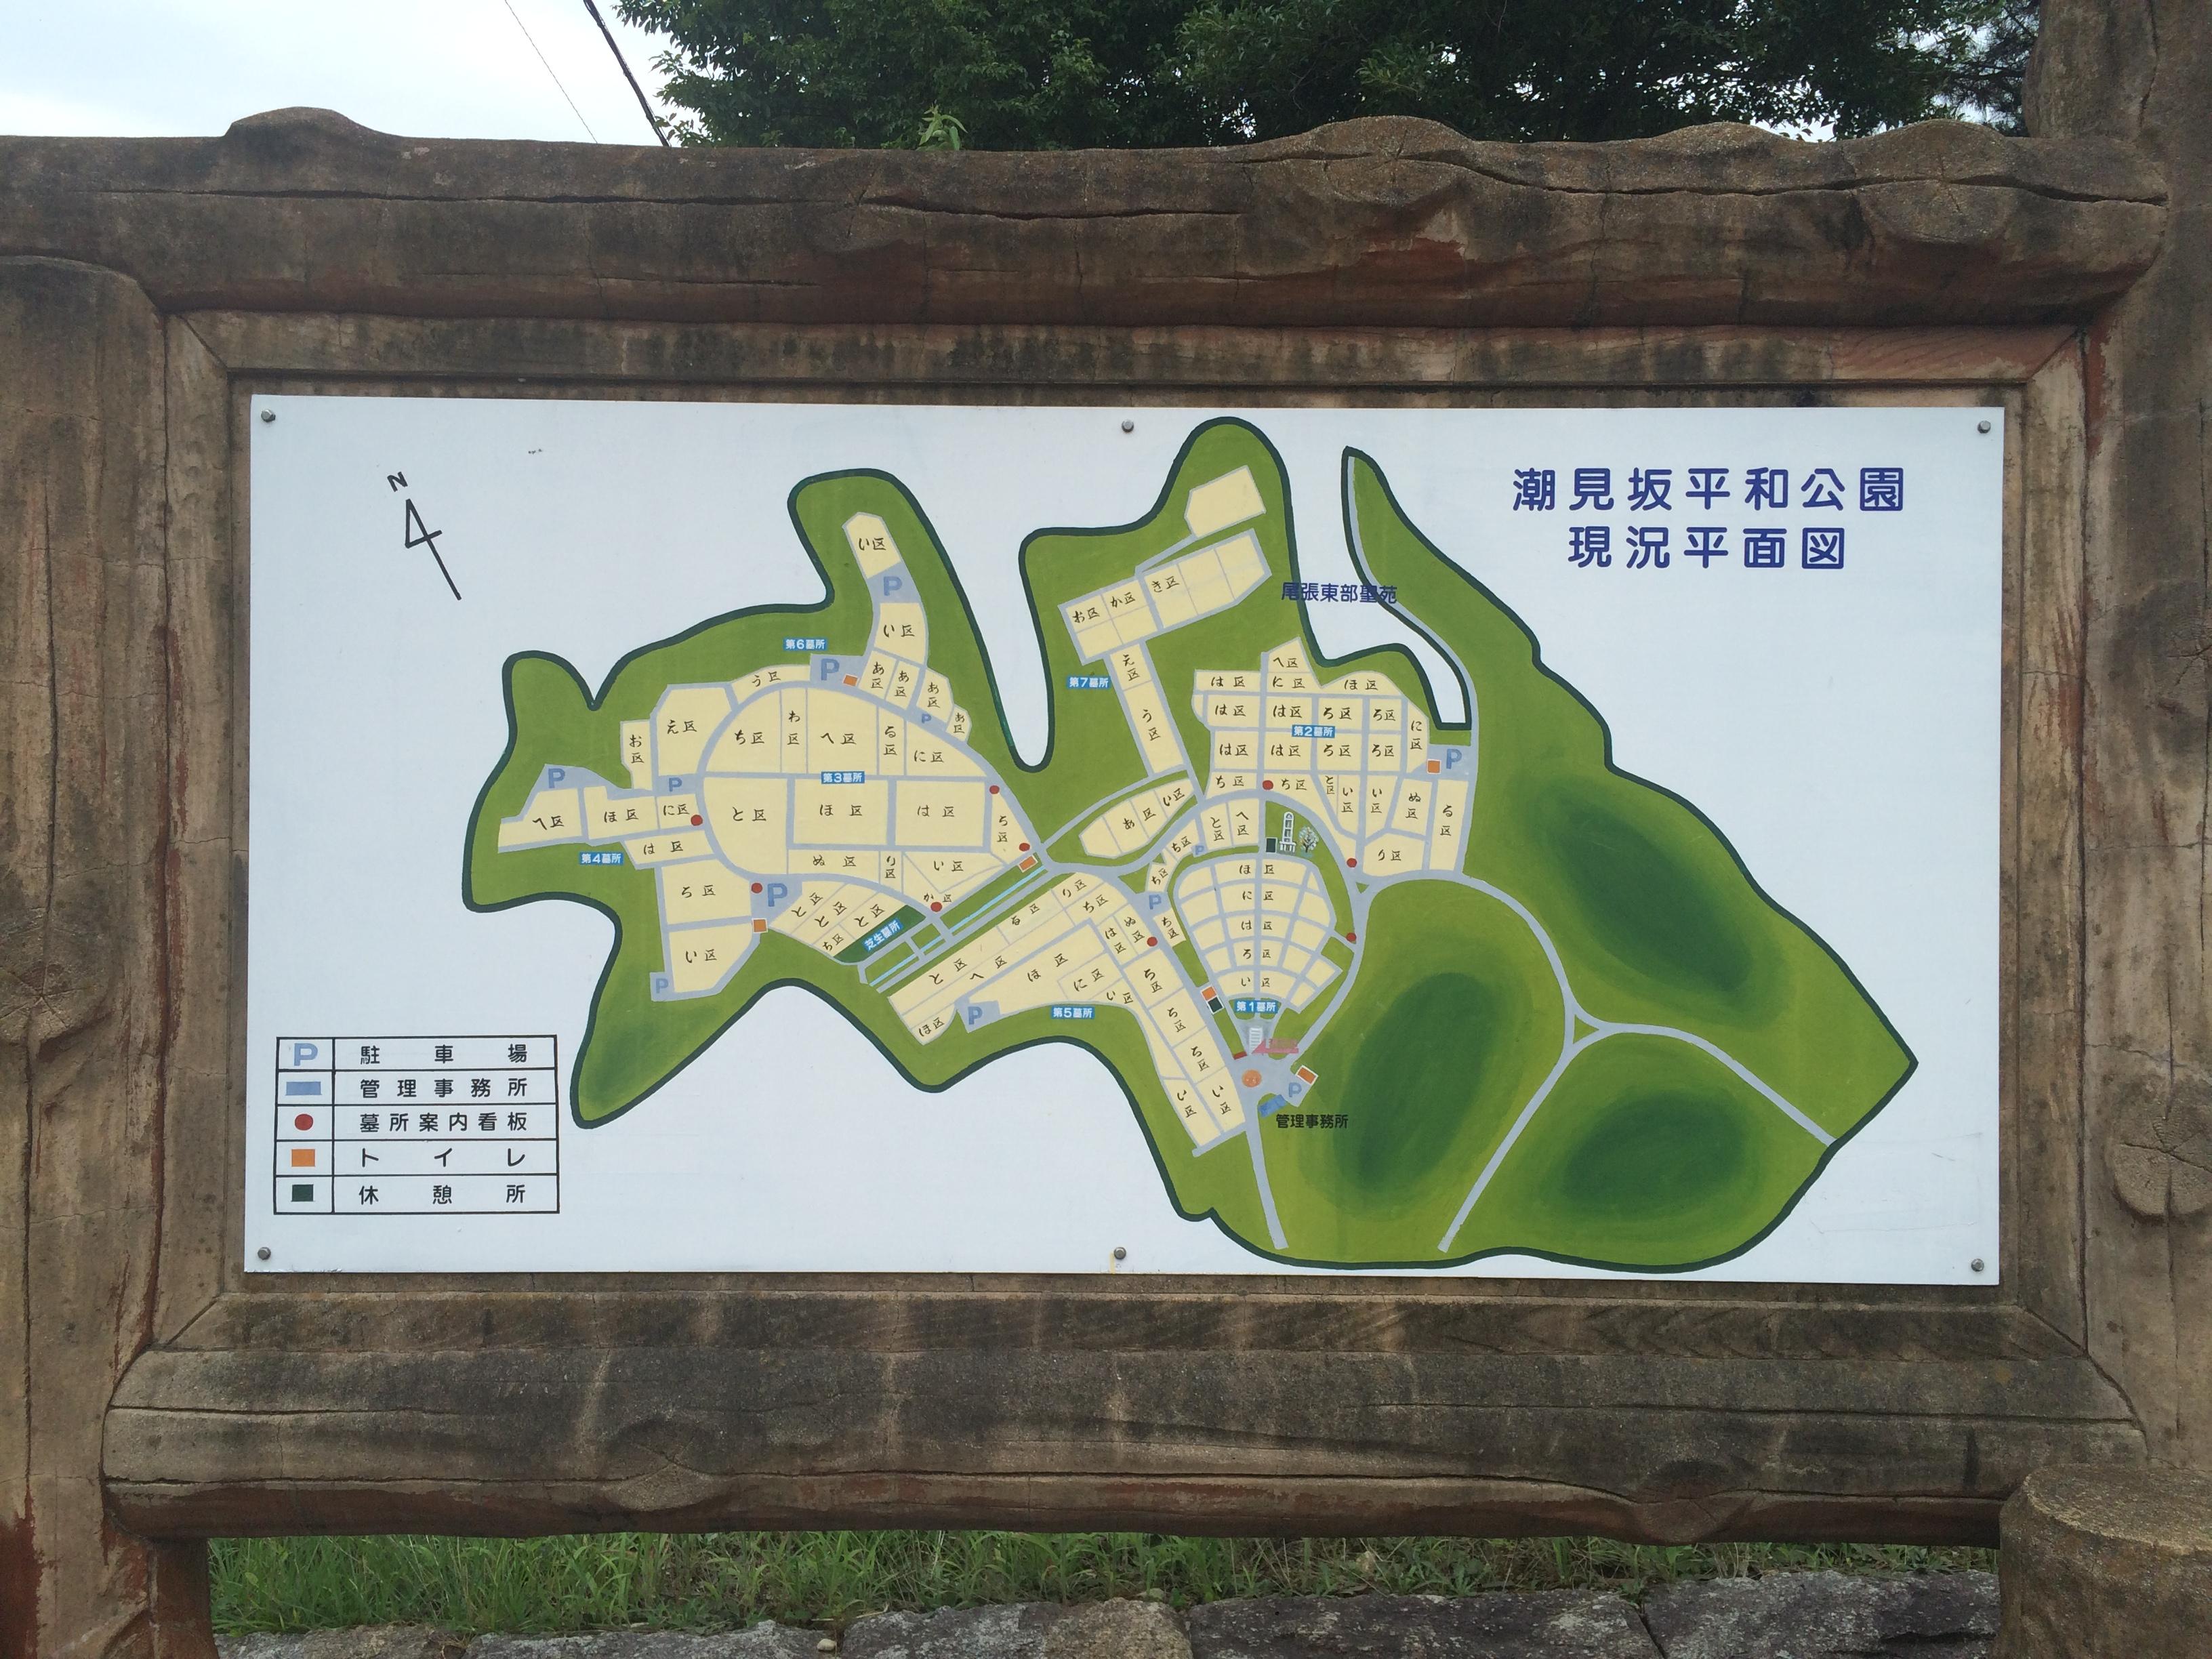 潮見坂平和公園案内図